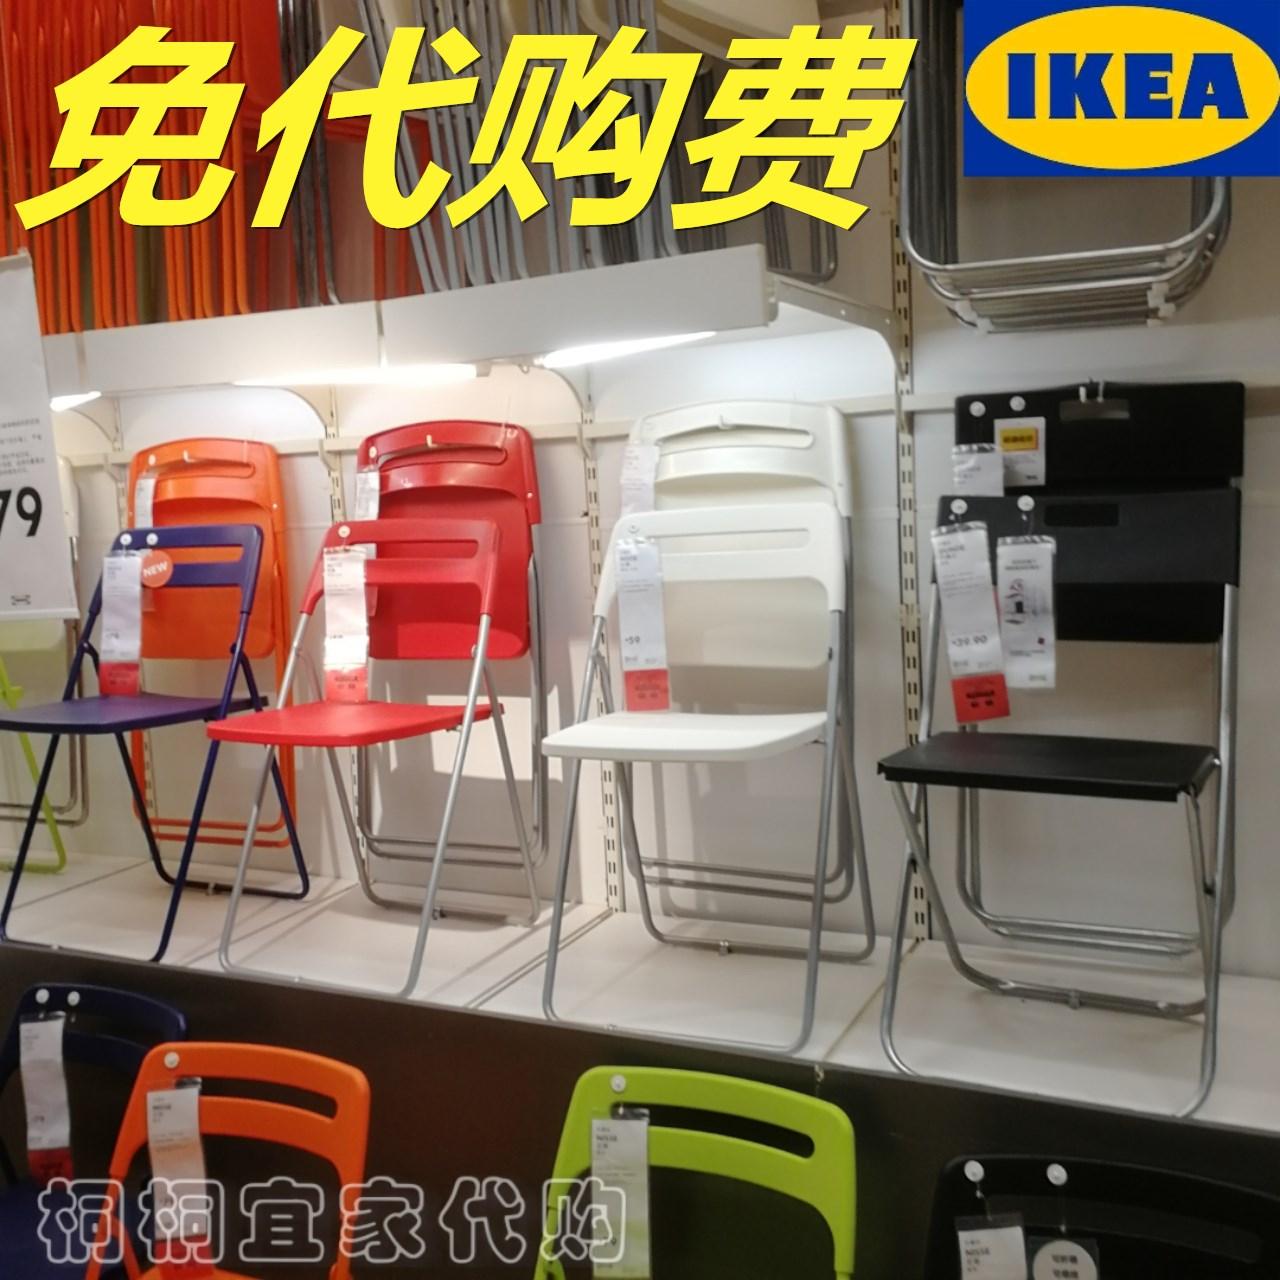 特价 宜家家居国内代购 尼斯折叠办公椅会议椅餐椅凳子培训班椅子